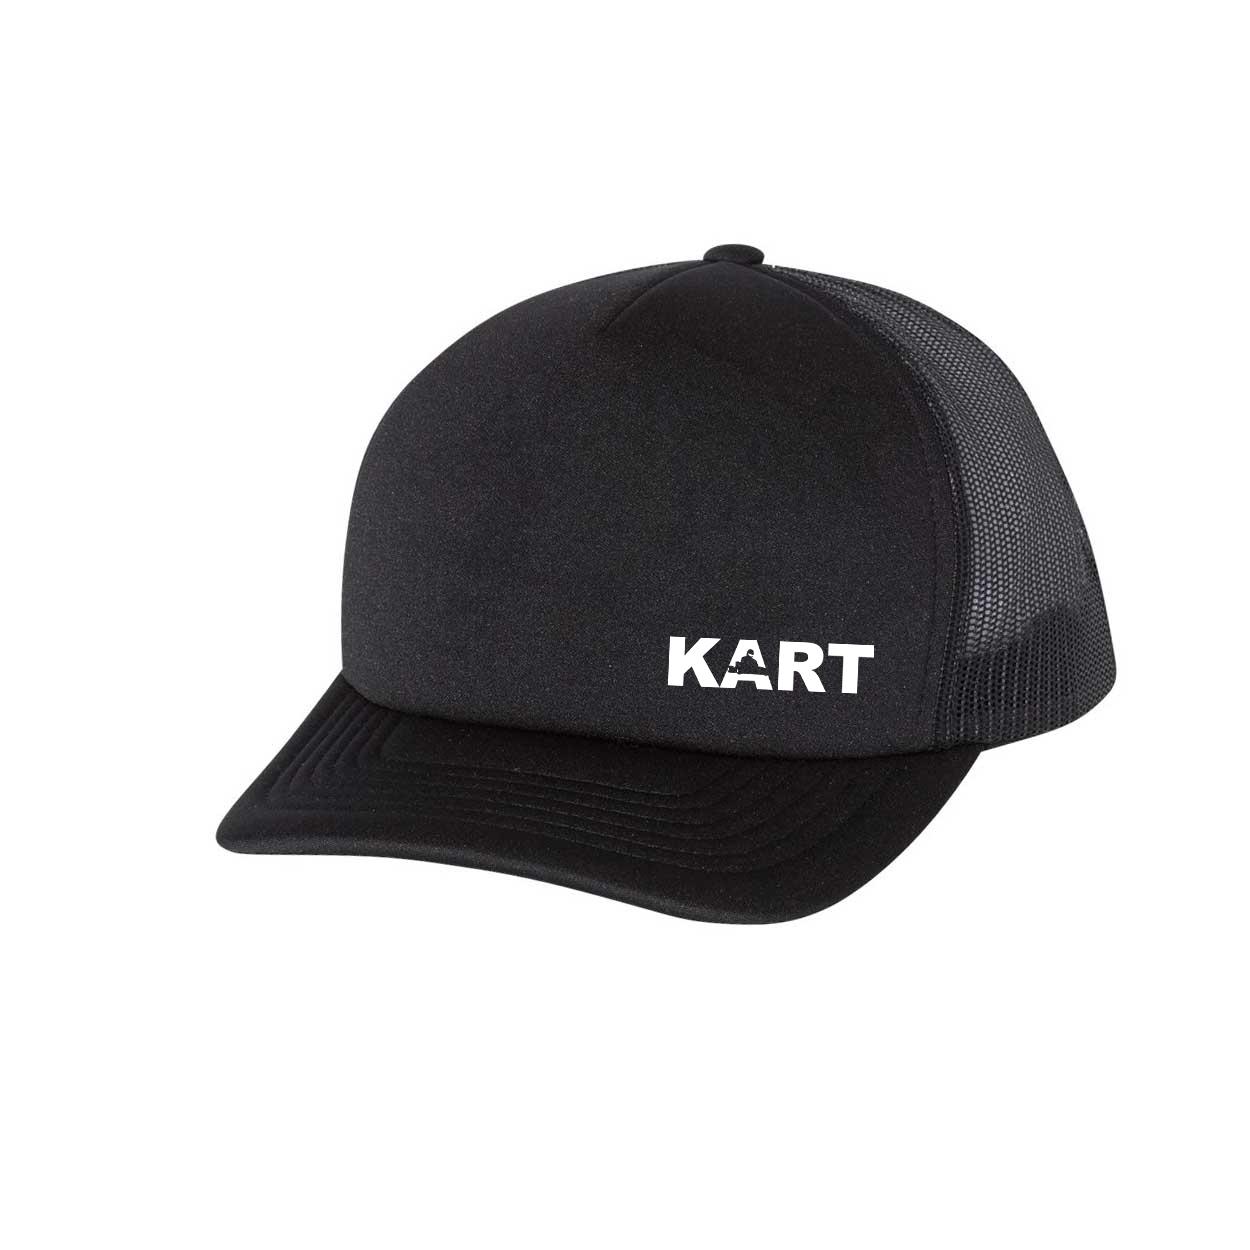 Kart Racer Logo Night Out Premium Foam Trucker Snapback Hat Black (White Logo)